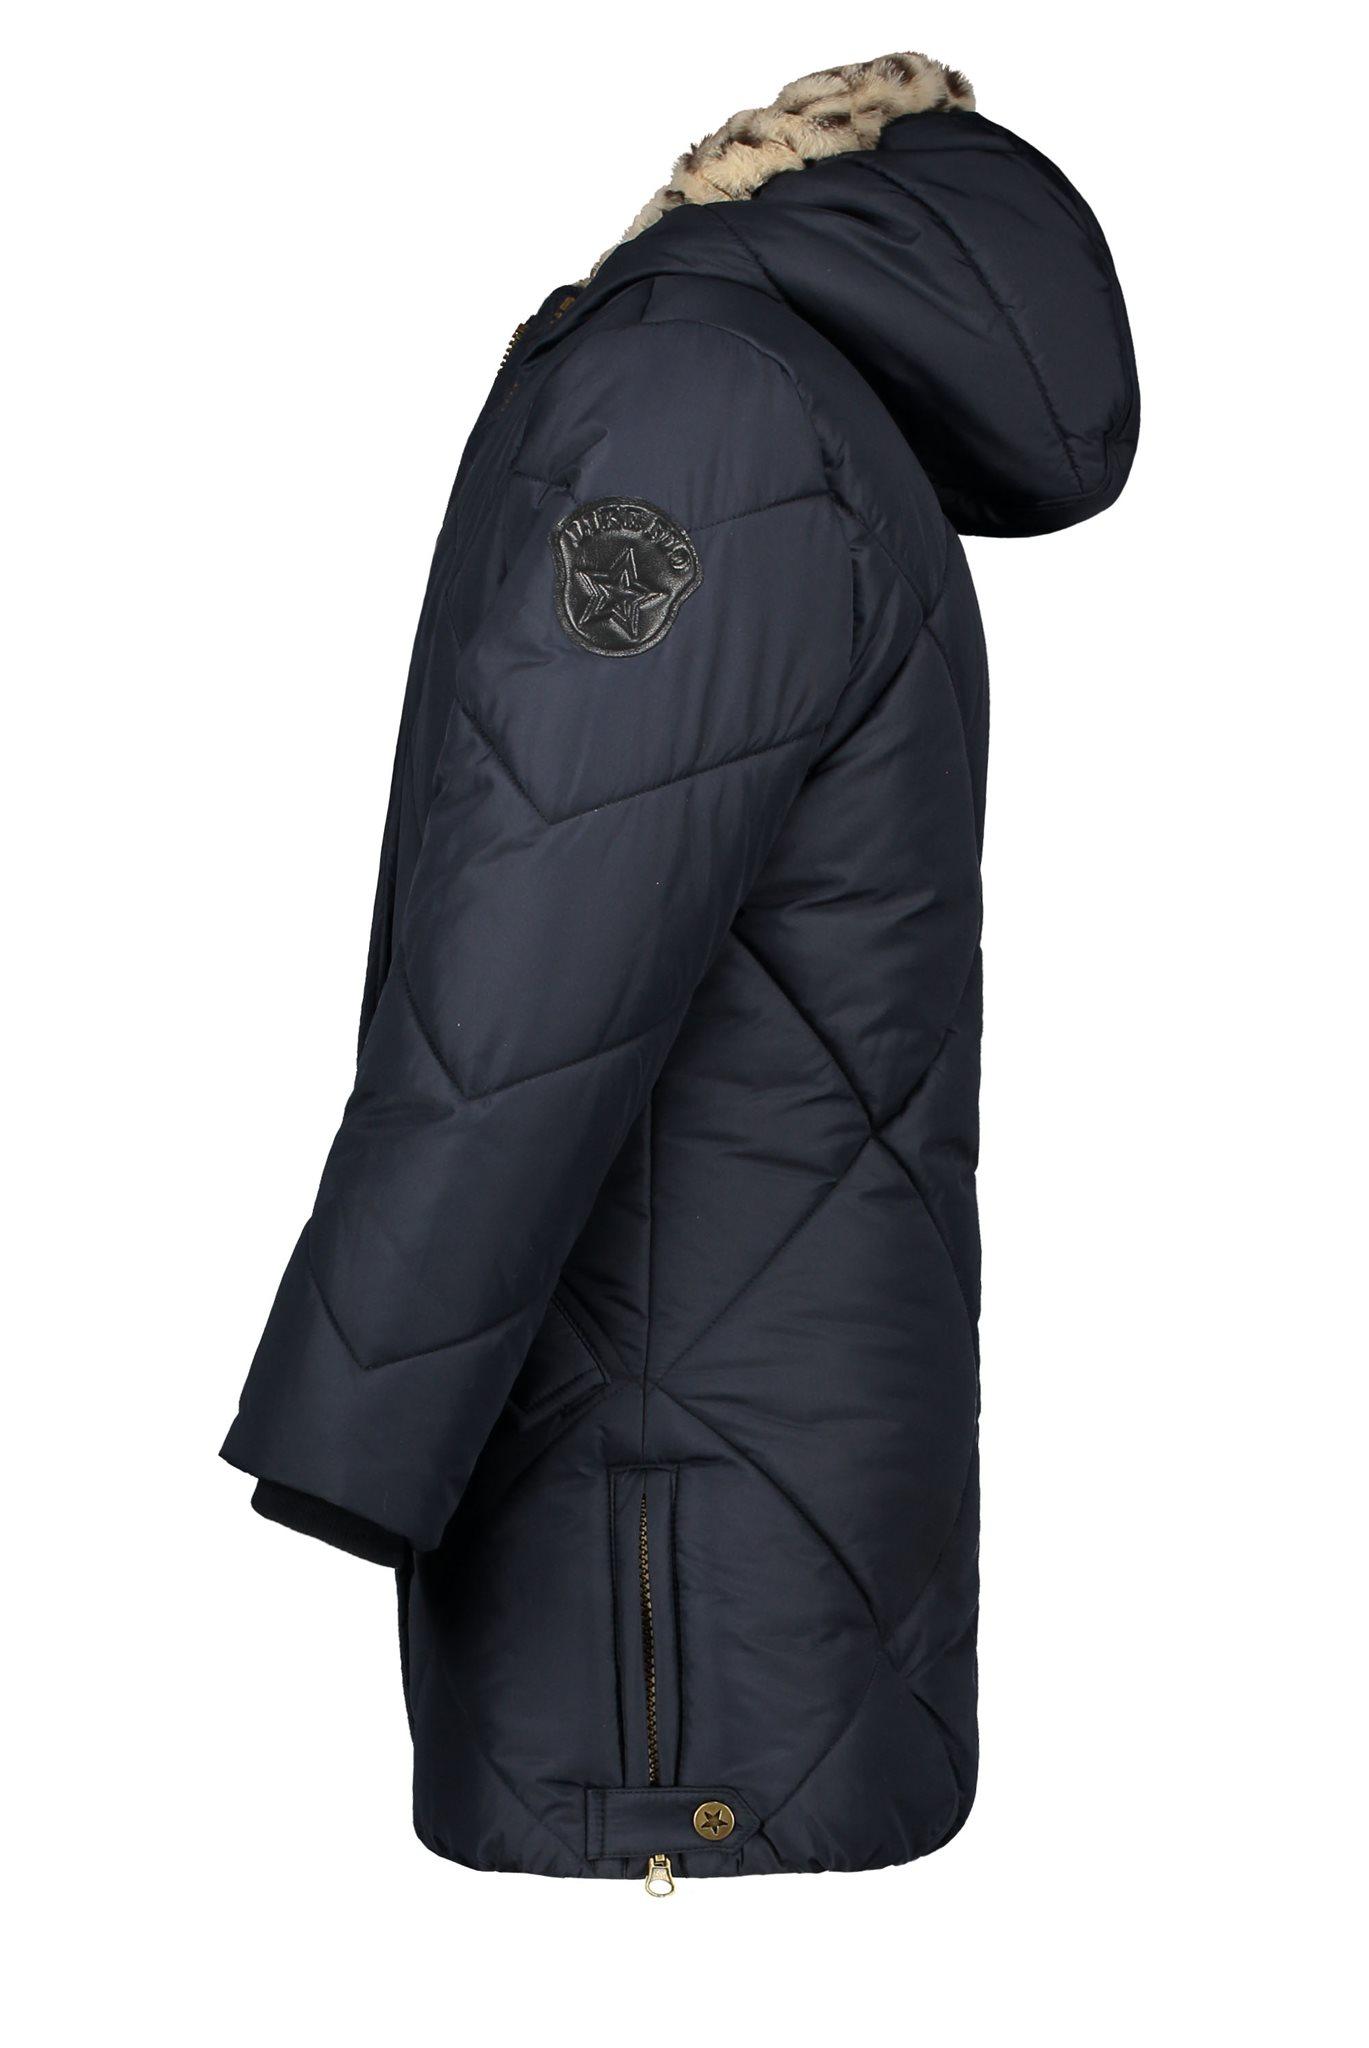 Flo jas donkerblauw panter